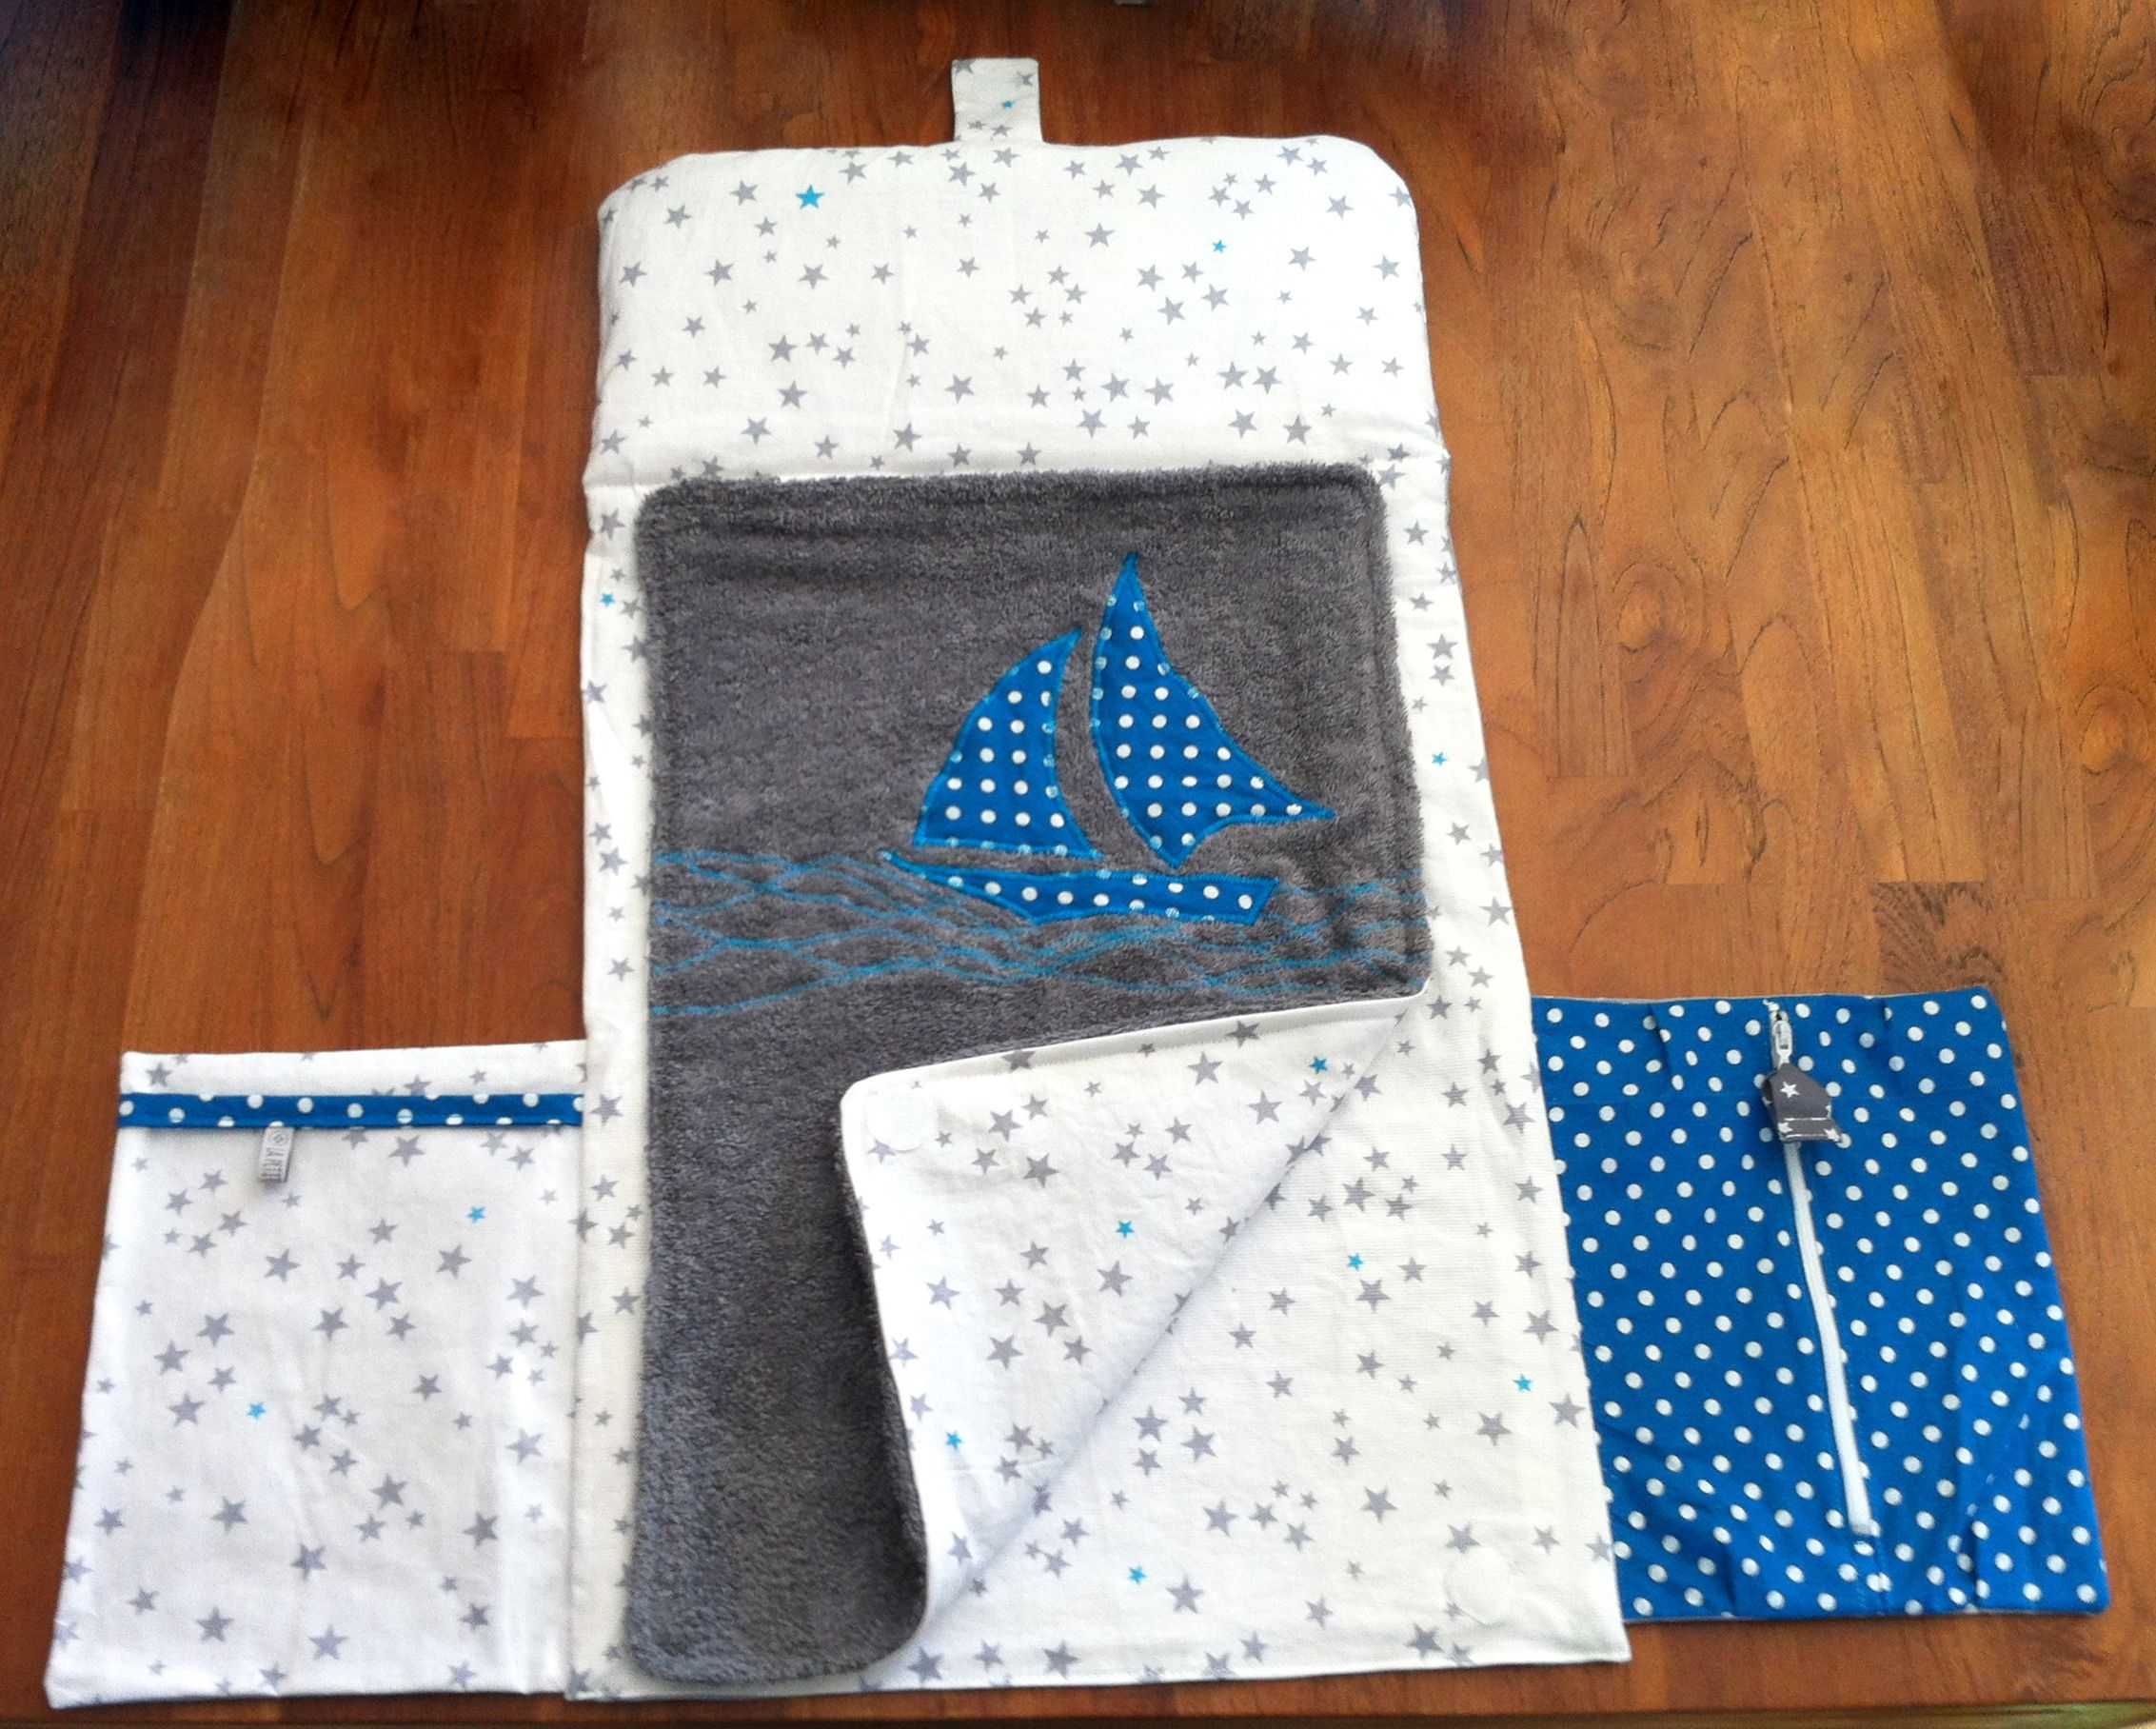 Pochette à langer , comprenant un tapis en coton et coton enduit avec 2 poches pour couches et lingettes et un tapis à langer détachable en coton et tissu éponge .   https://www.facebook.com/LaPetiteCouturieuse